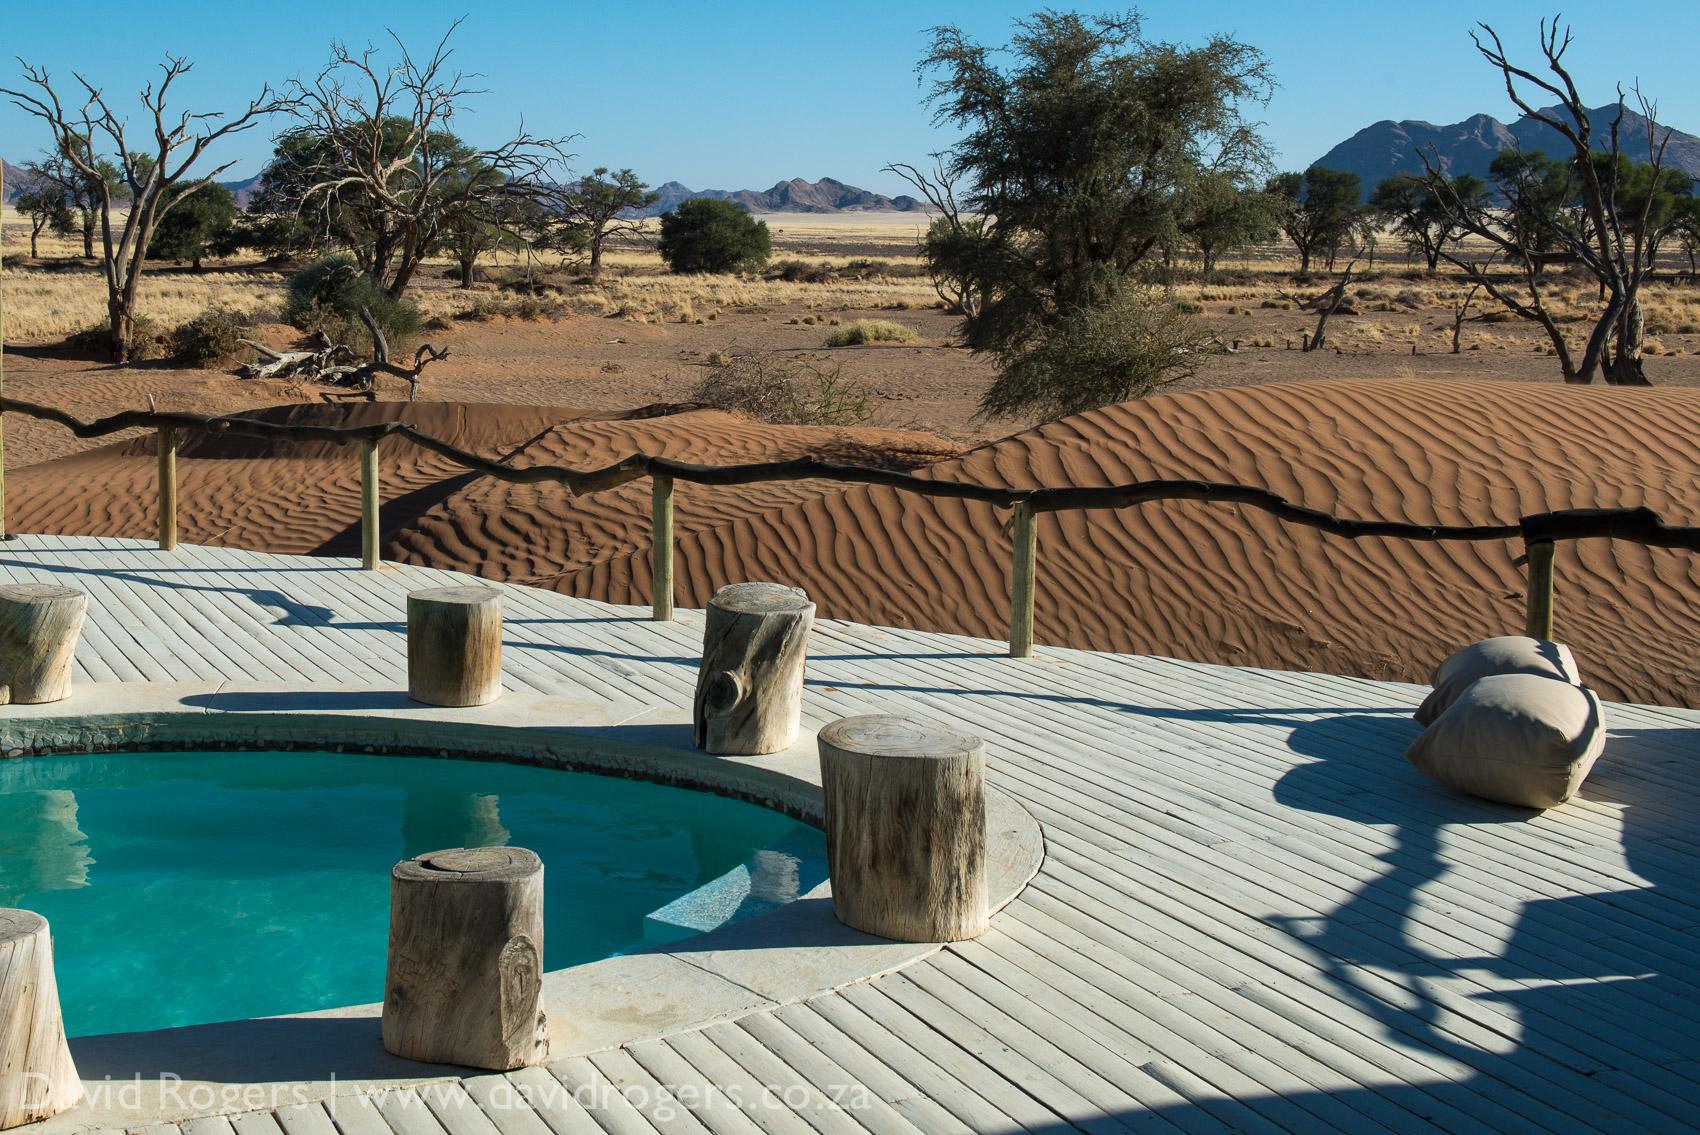 201211_Namibia_723